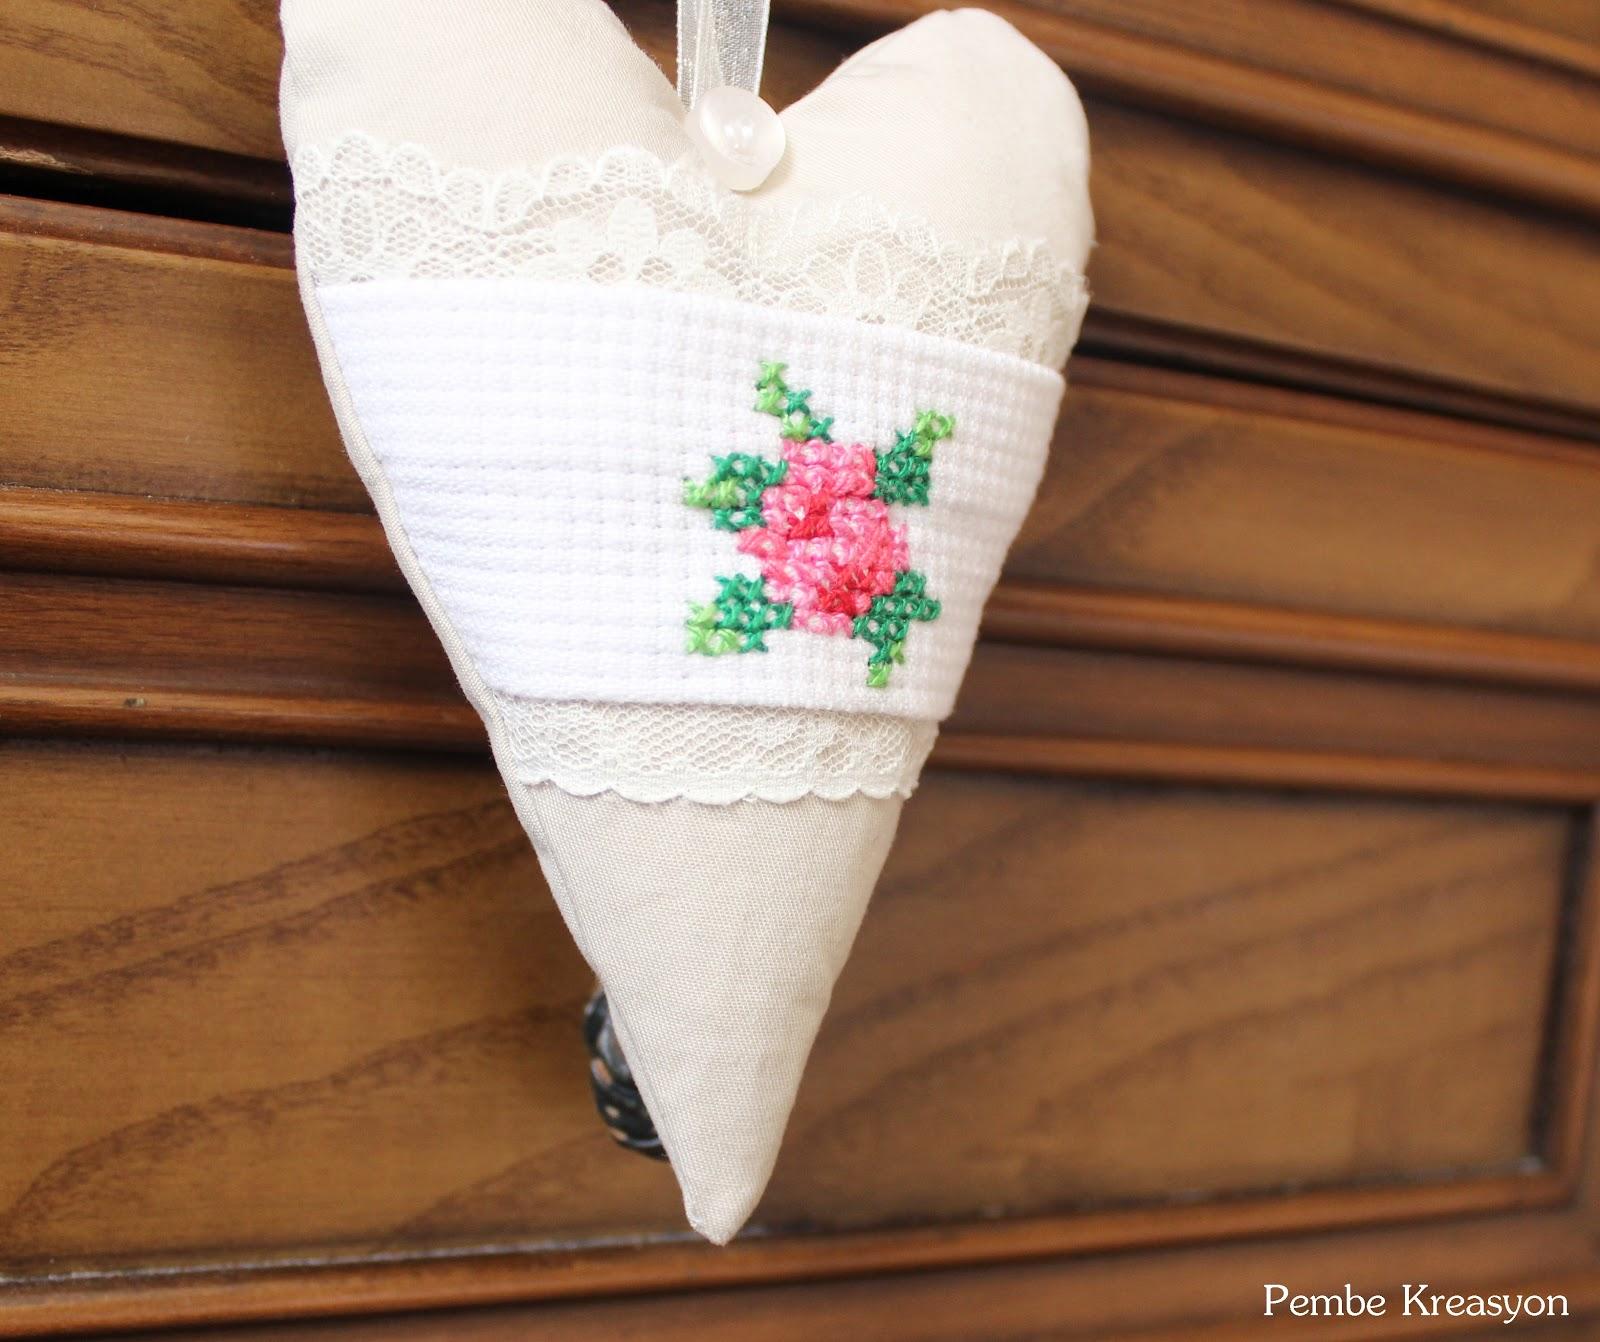 Kalpli gül desenli lavanta kesesi,Kalpli gül desenli lavanta kesesi nasıl yapılır, uzun kalp şablonu-modeli, çarpı işi gül, çarpı işi lavanta kesesi, çarpı işi iğnelik